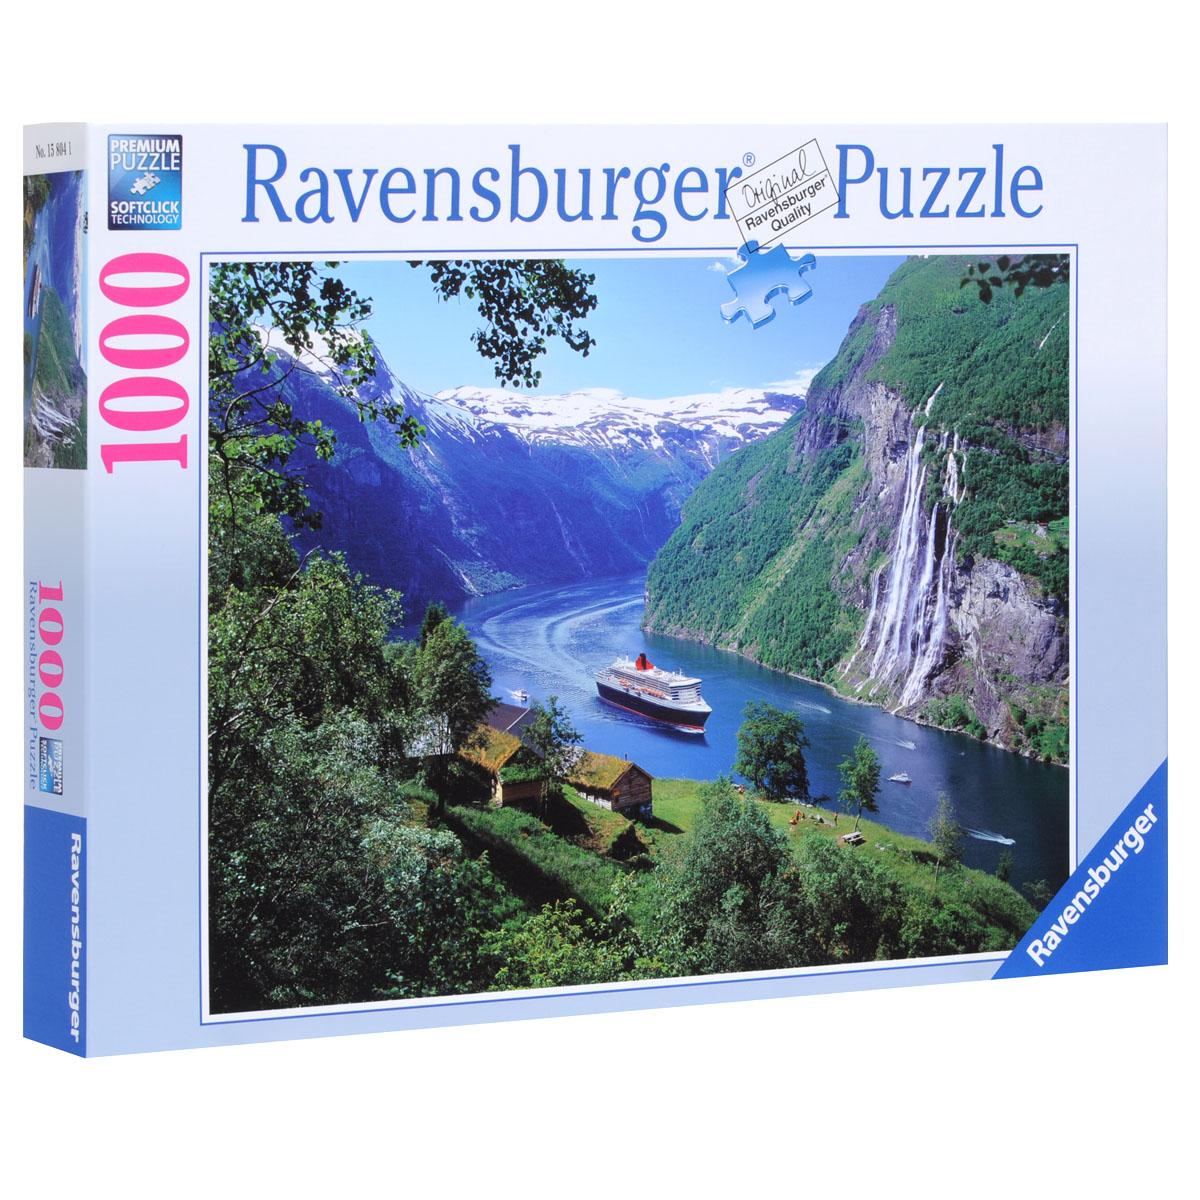 Ravensburger Норвежский фьорд. Пазл, 1000 элементов